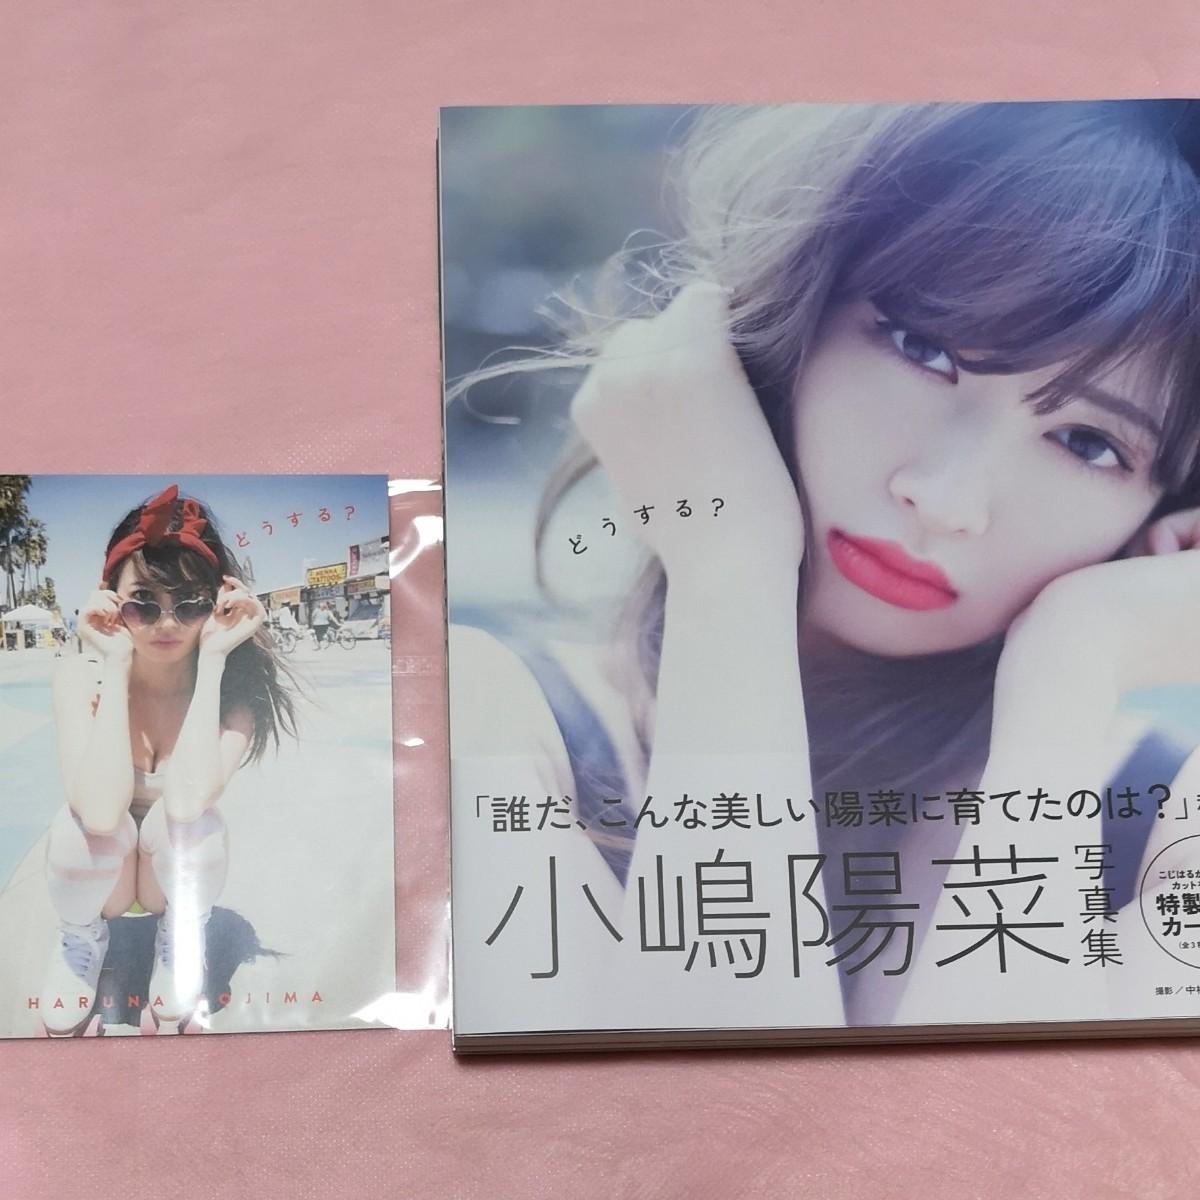 小嶋陽菜  写真集 帯付き 特典ポストカード付き 初版